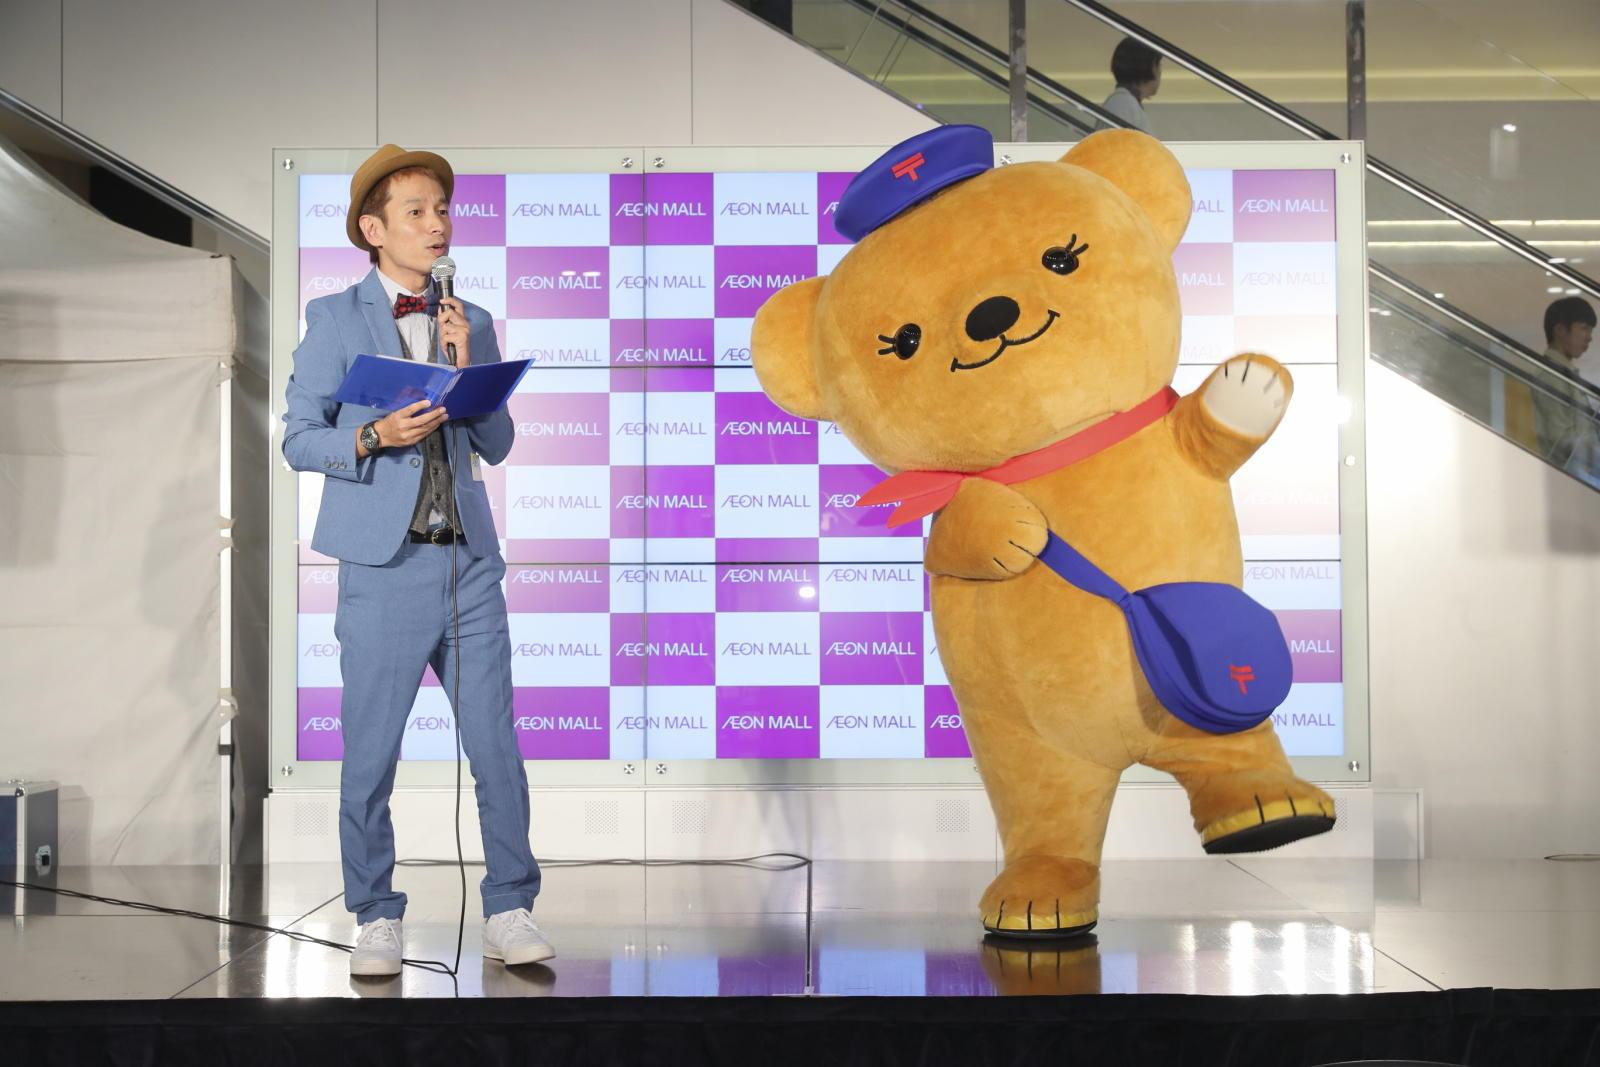 http://news.yoshimoto.co.jp/20170908233901-dc0386e0b2785712a0a382ff9cf85870c83decad.jpg